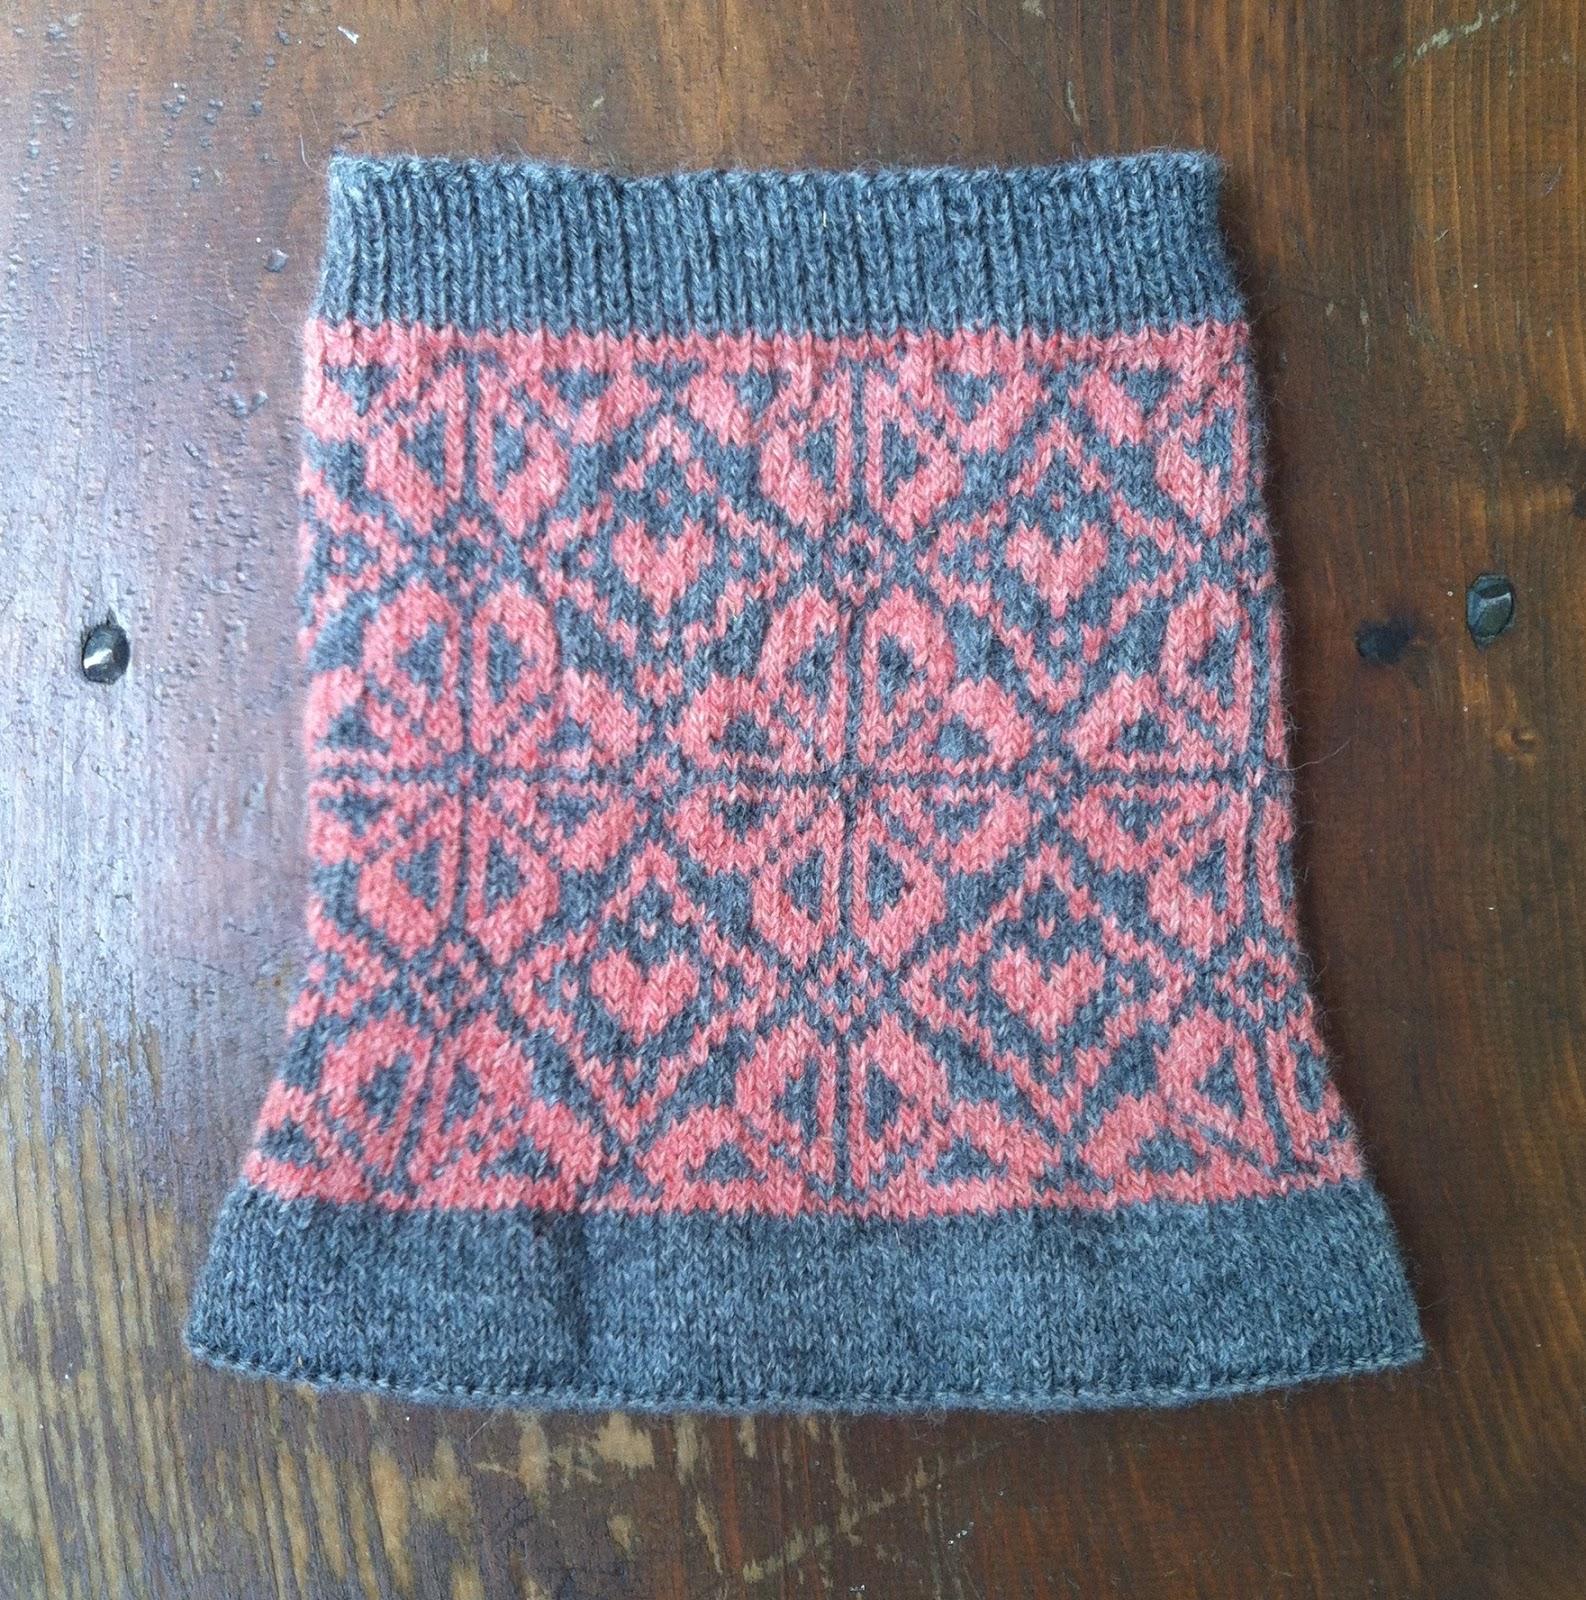 anna knits, etc.: anna knits - fair isle cowl update 2